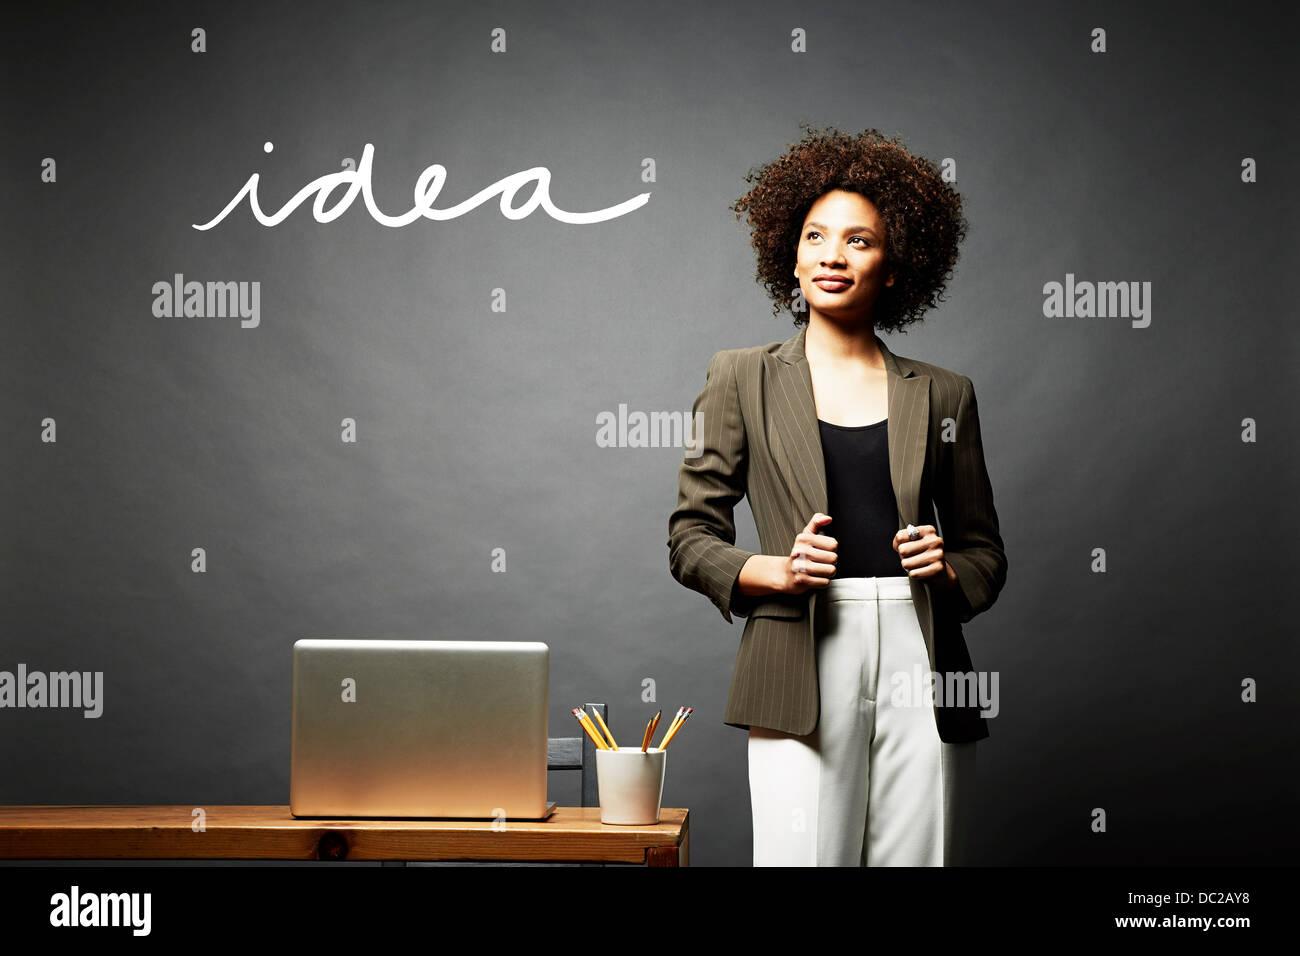 La donna e la parola idea Immagini Stock